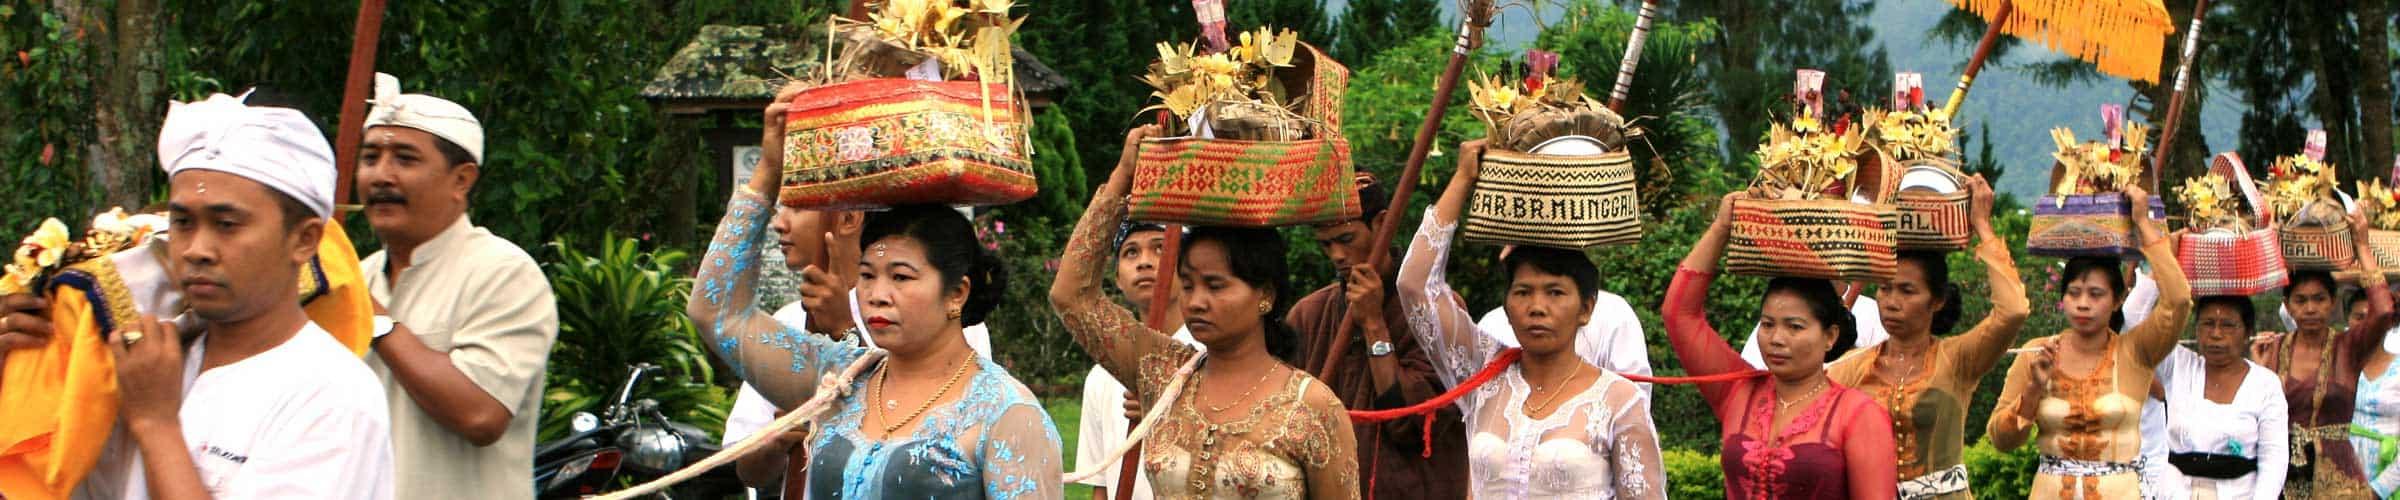 De boeddhistische uitvaart